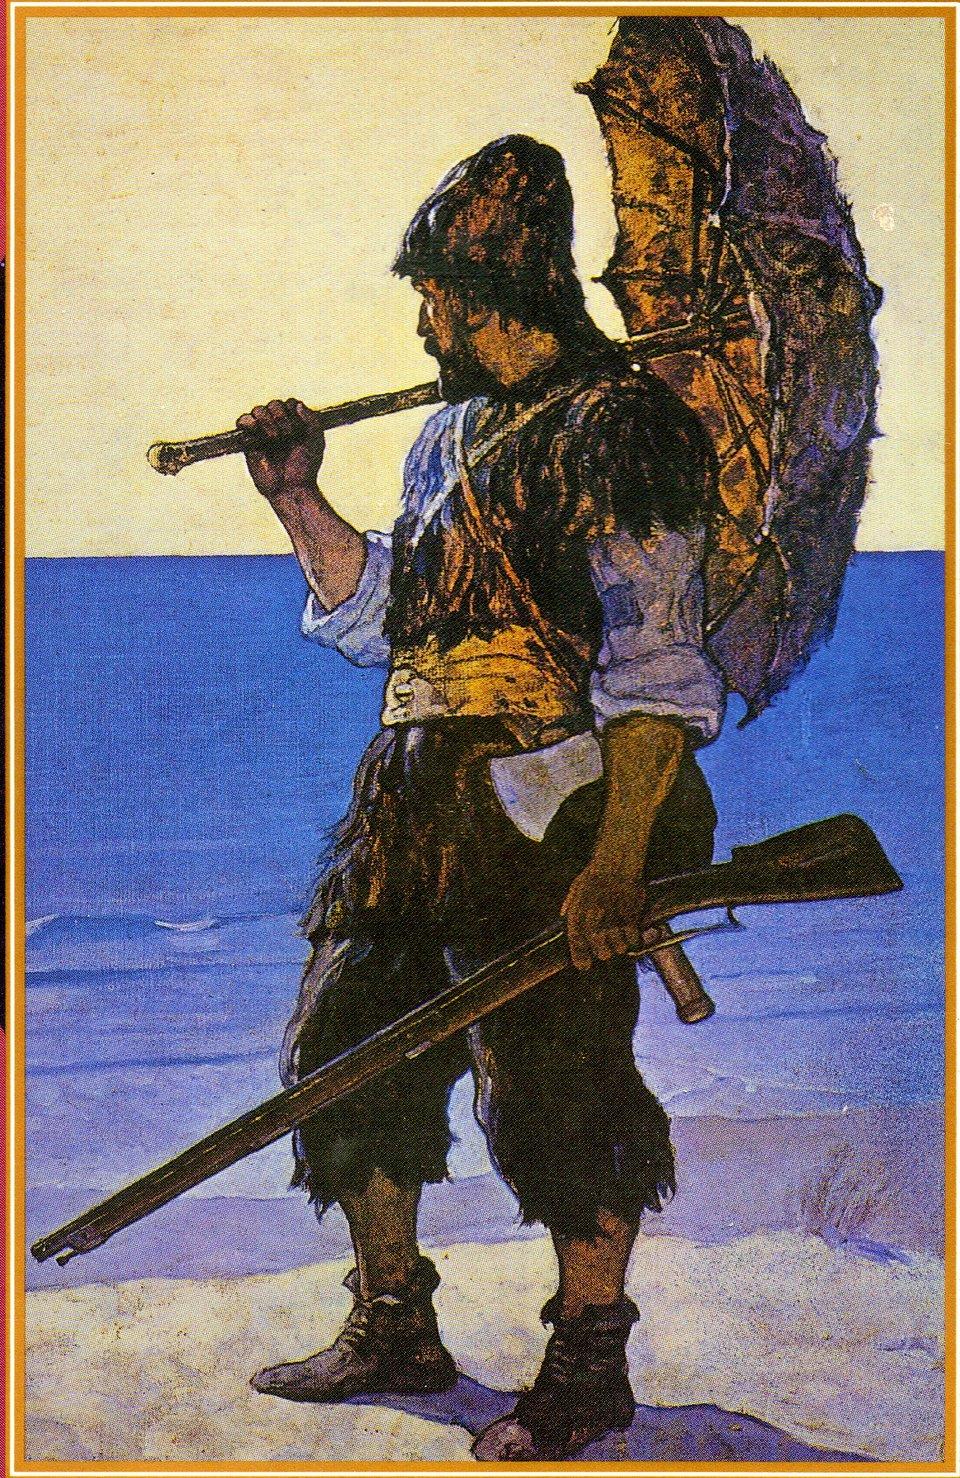 Ilustracja zangielskiej edycji Robinsona Crusoe z1920 roku Ilustracja zangielskiej edycji Robinsona Crusoe z1920 roku Źródło: domena publiczna.